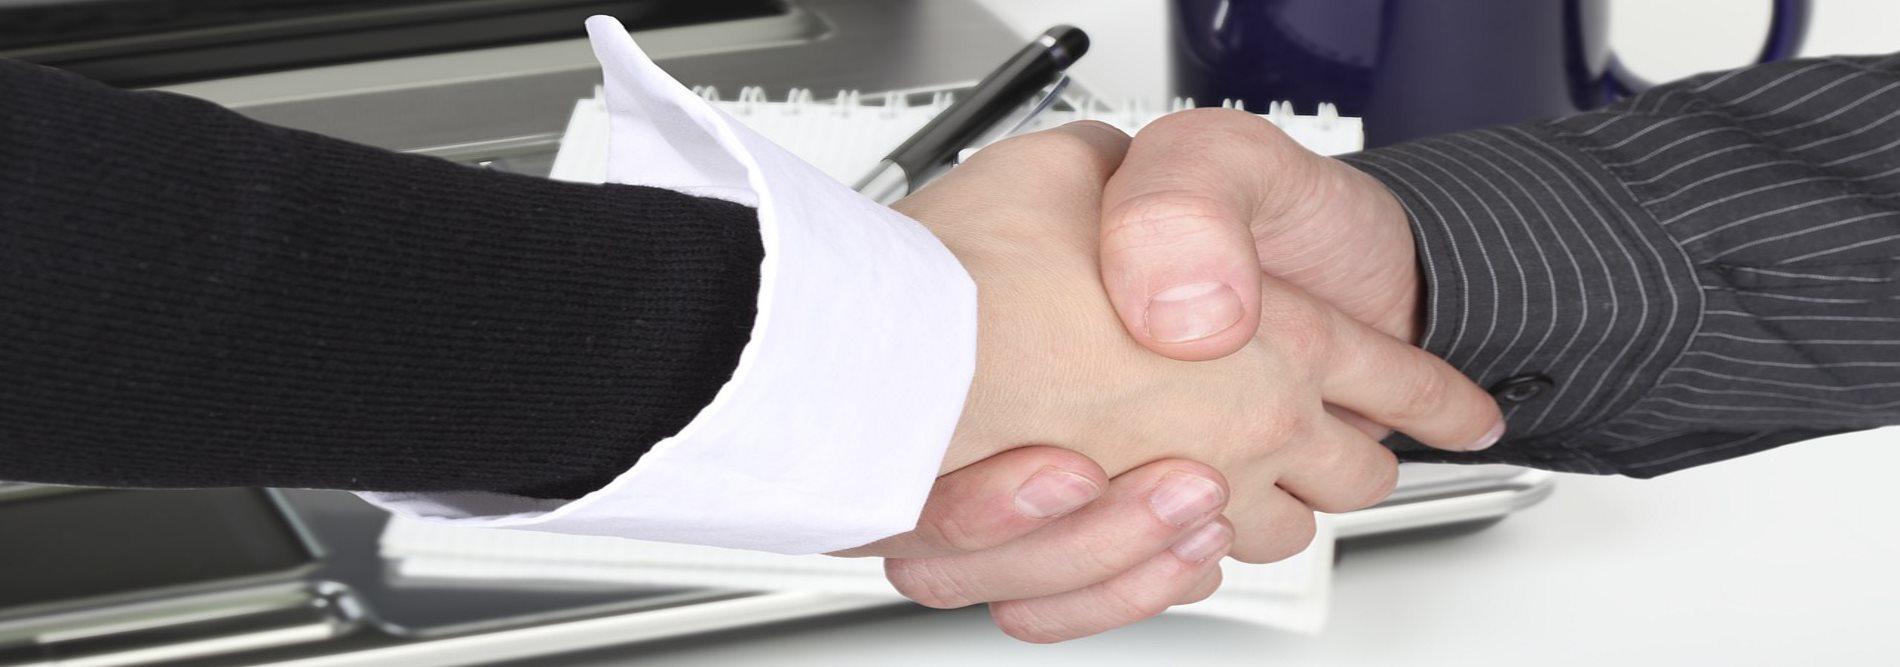 Business Handshake - Networking Design Installation Management